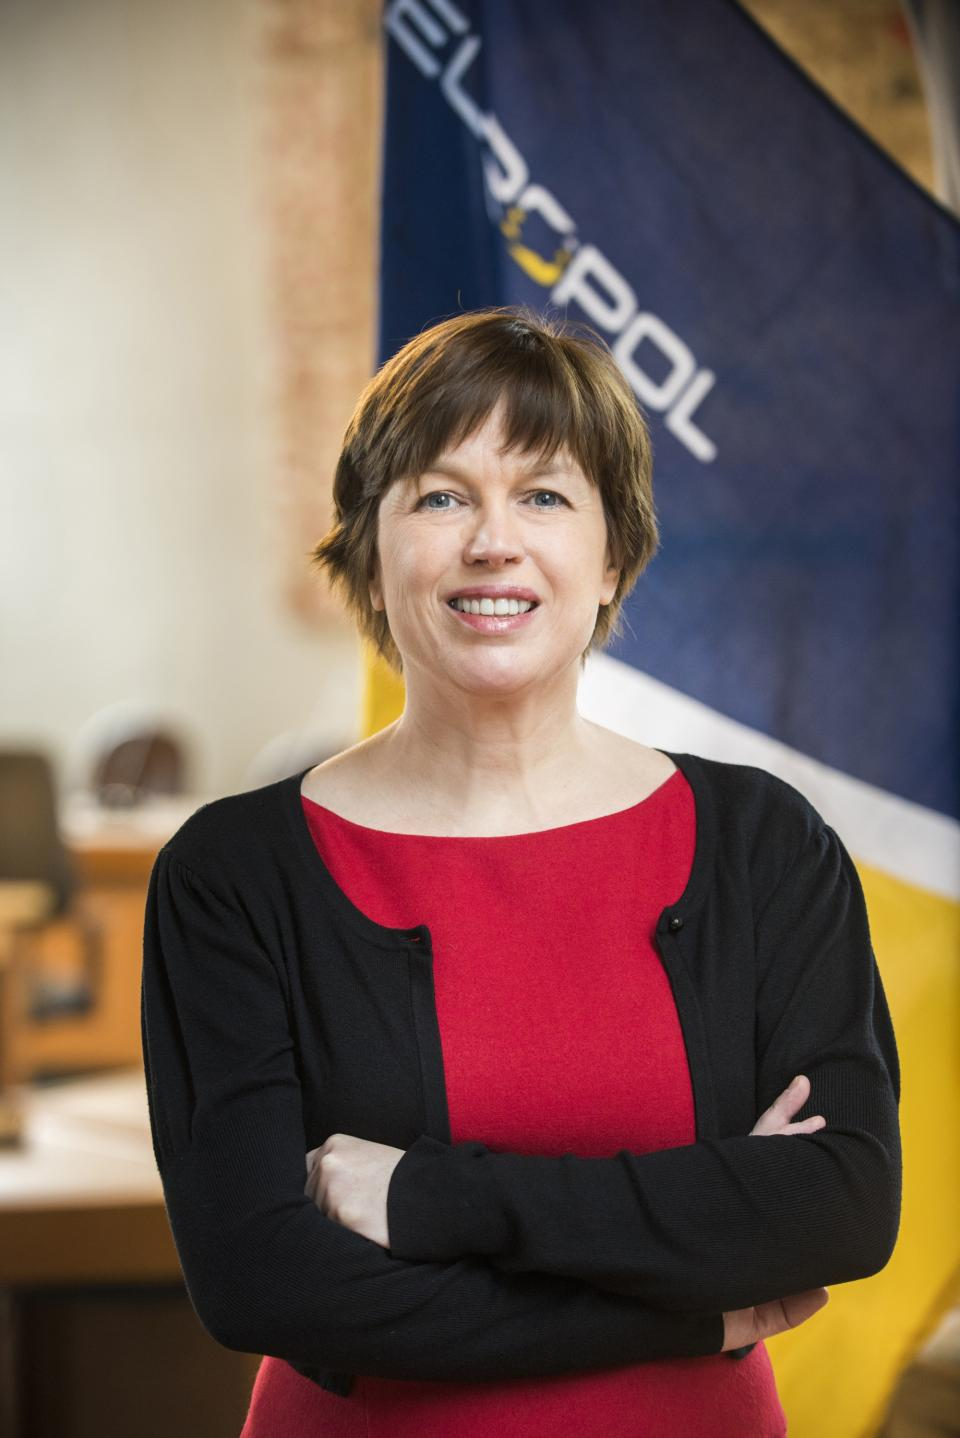 Catherine de Bolle, diretora executiva da Europol